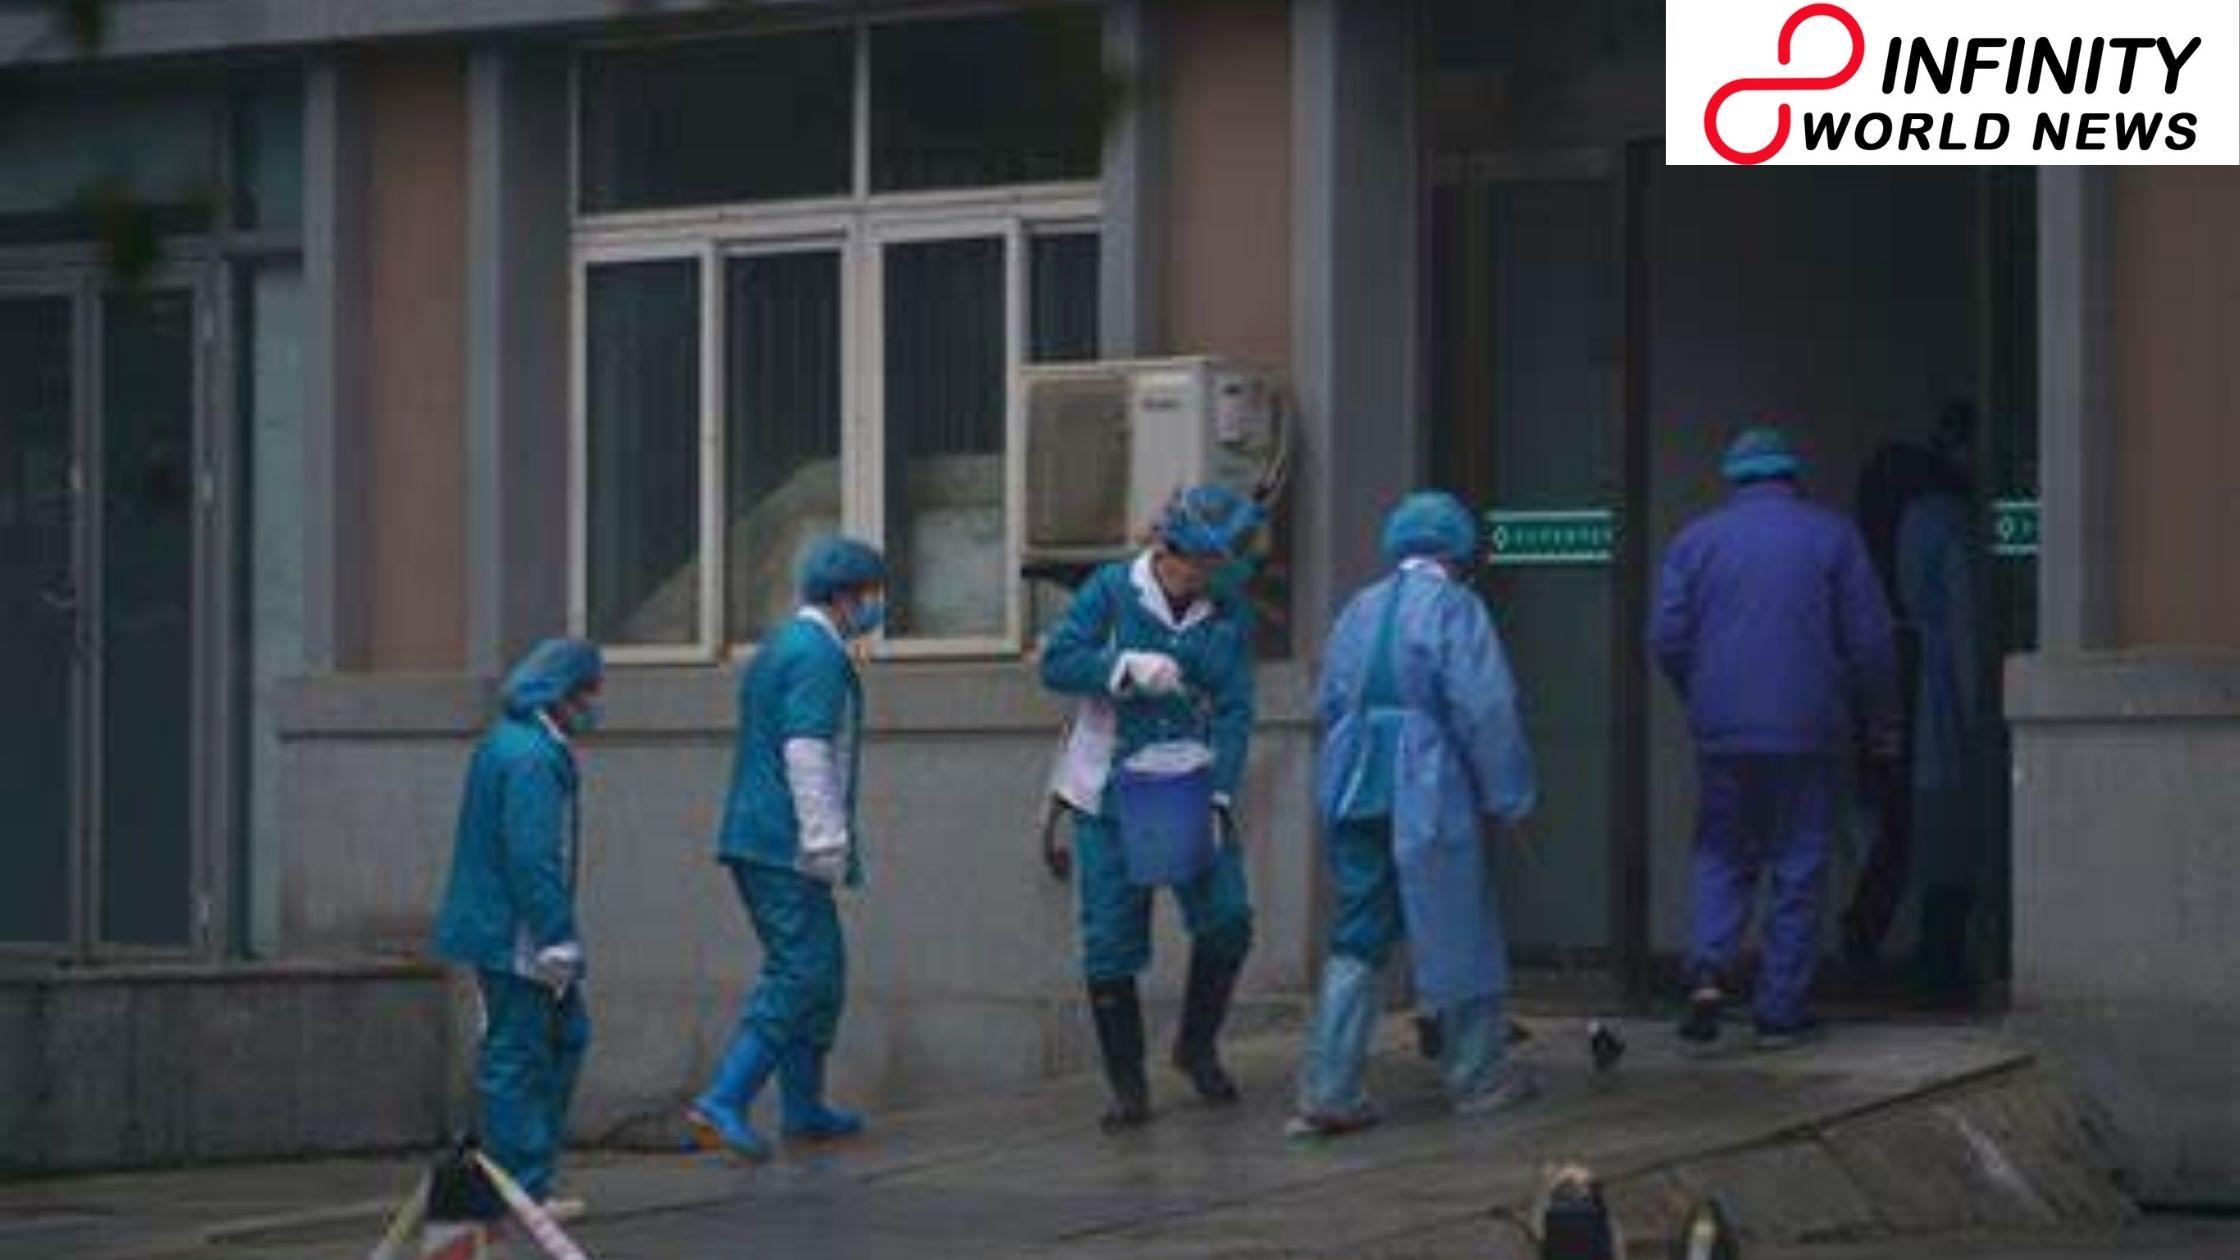 Coronavirus: WHO probe team into China exits Wuhan isolate